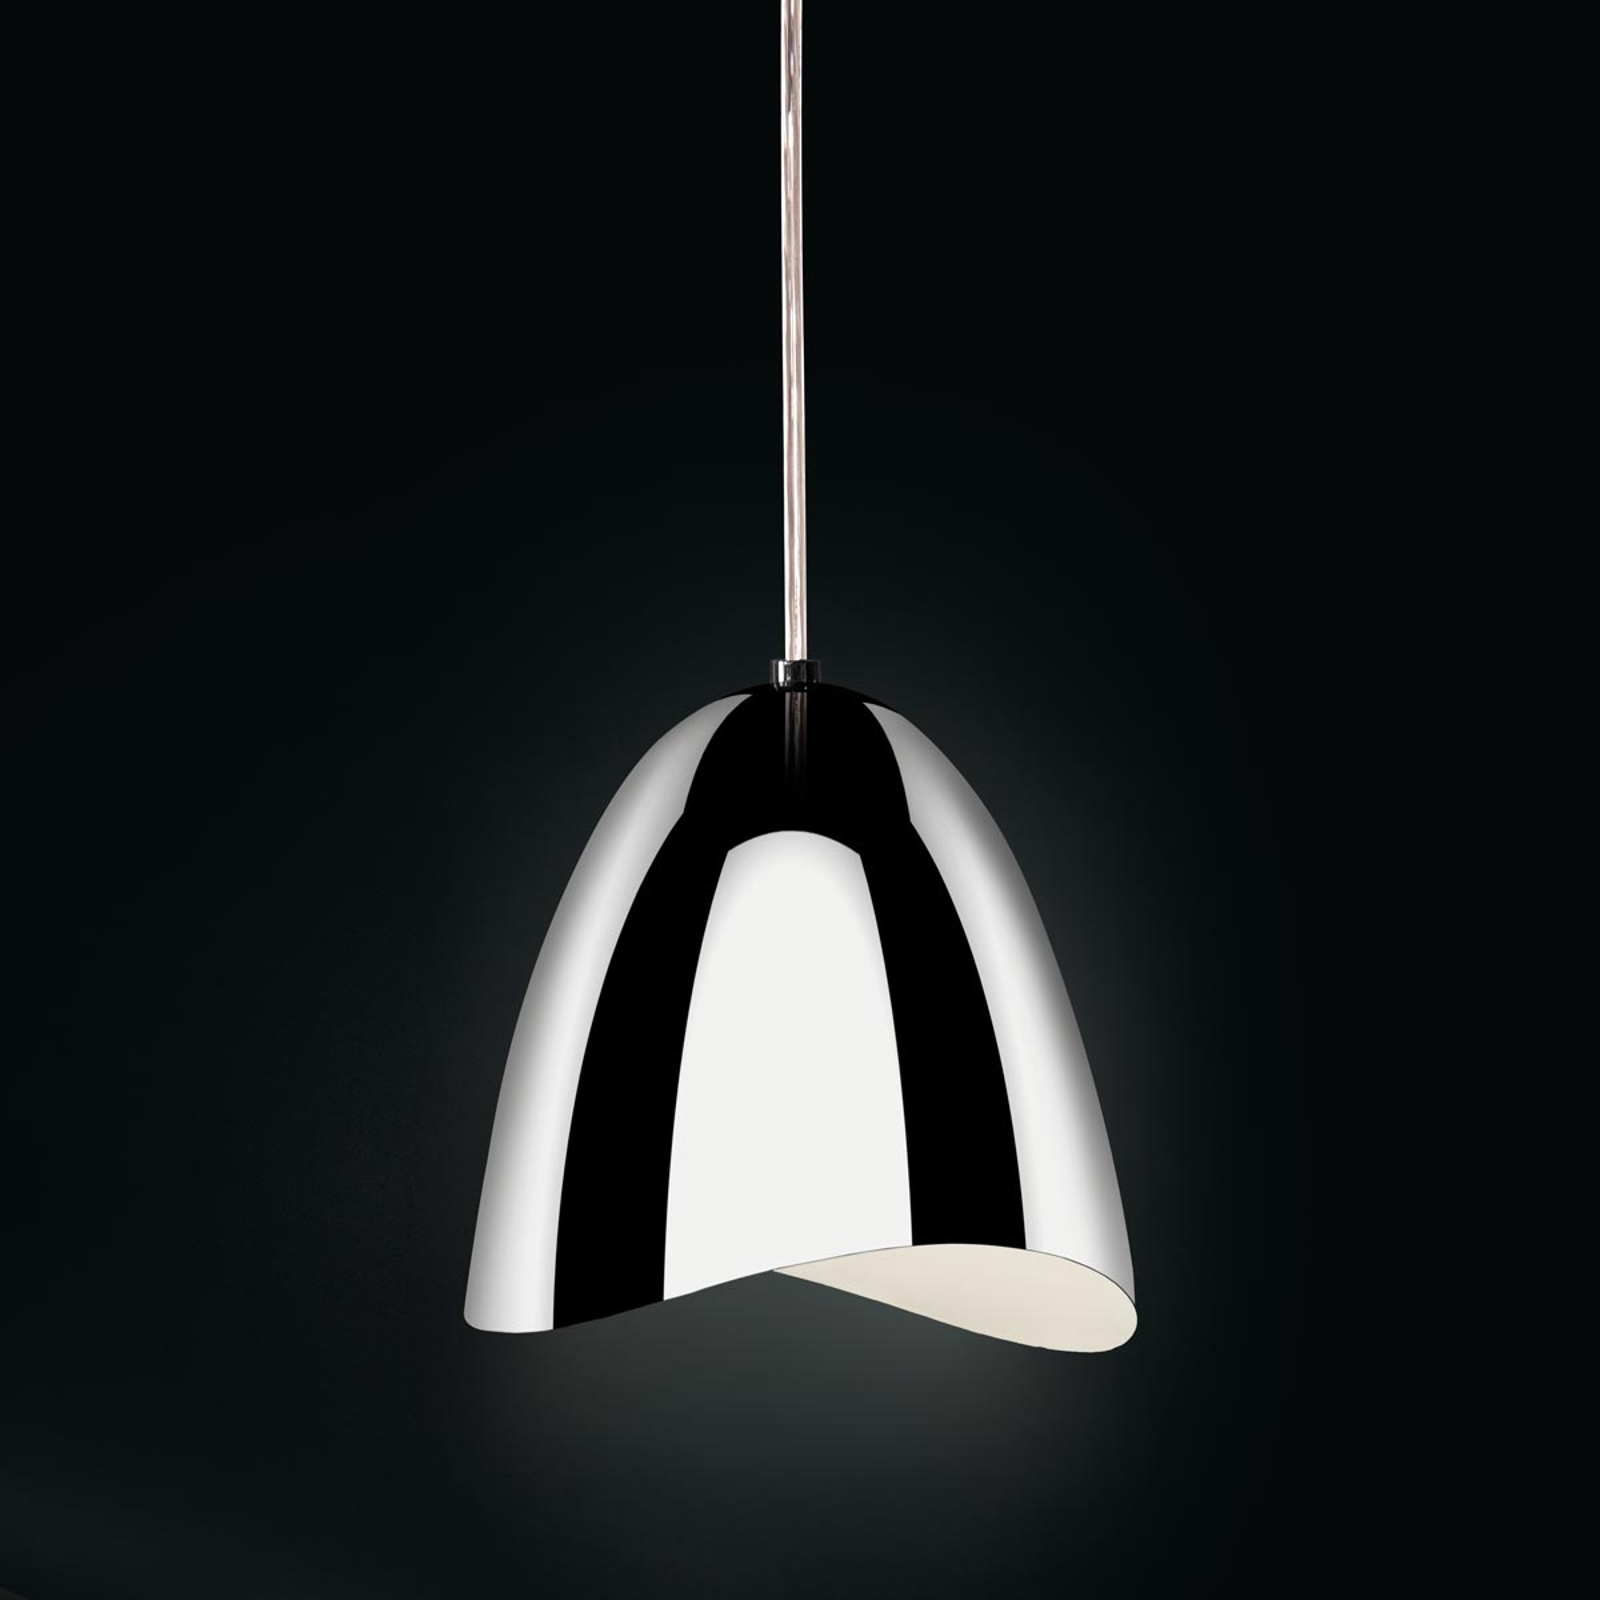 Suspension LED Mirage chromé brillant